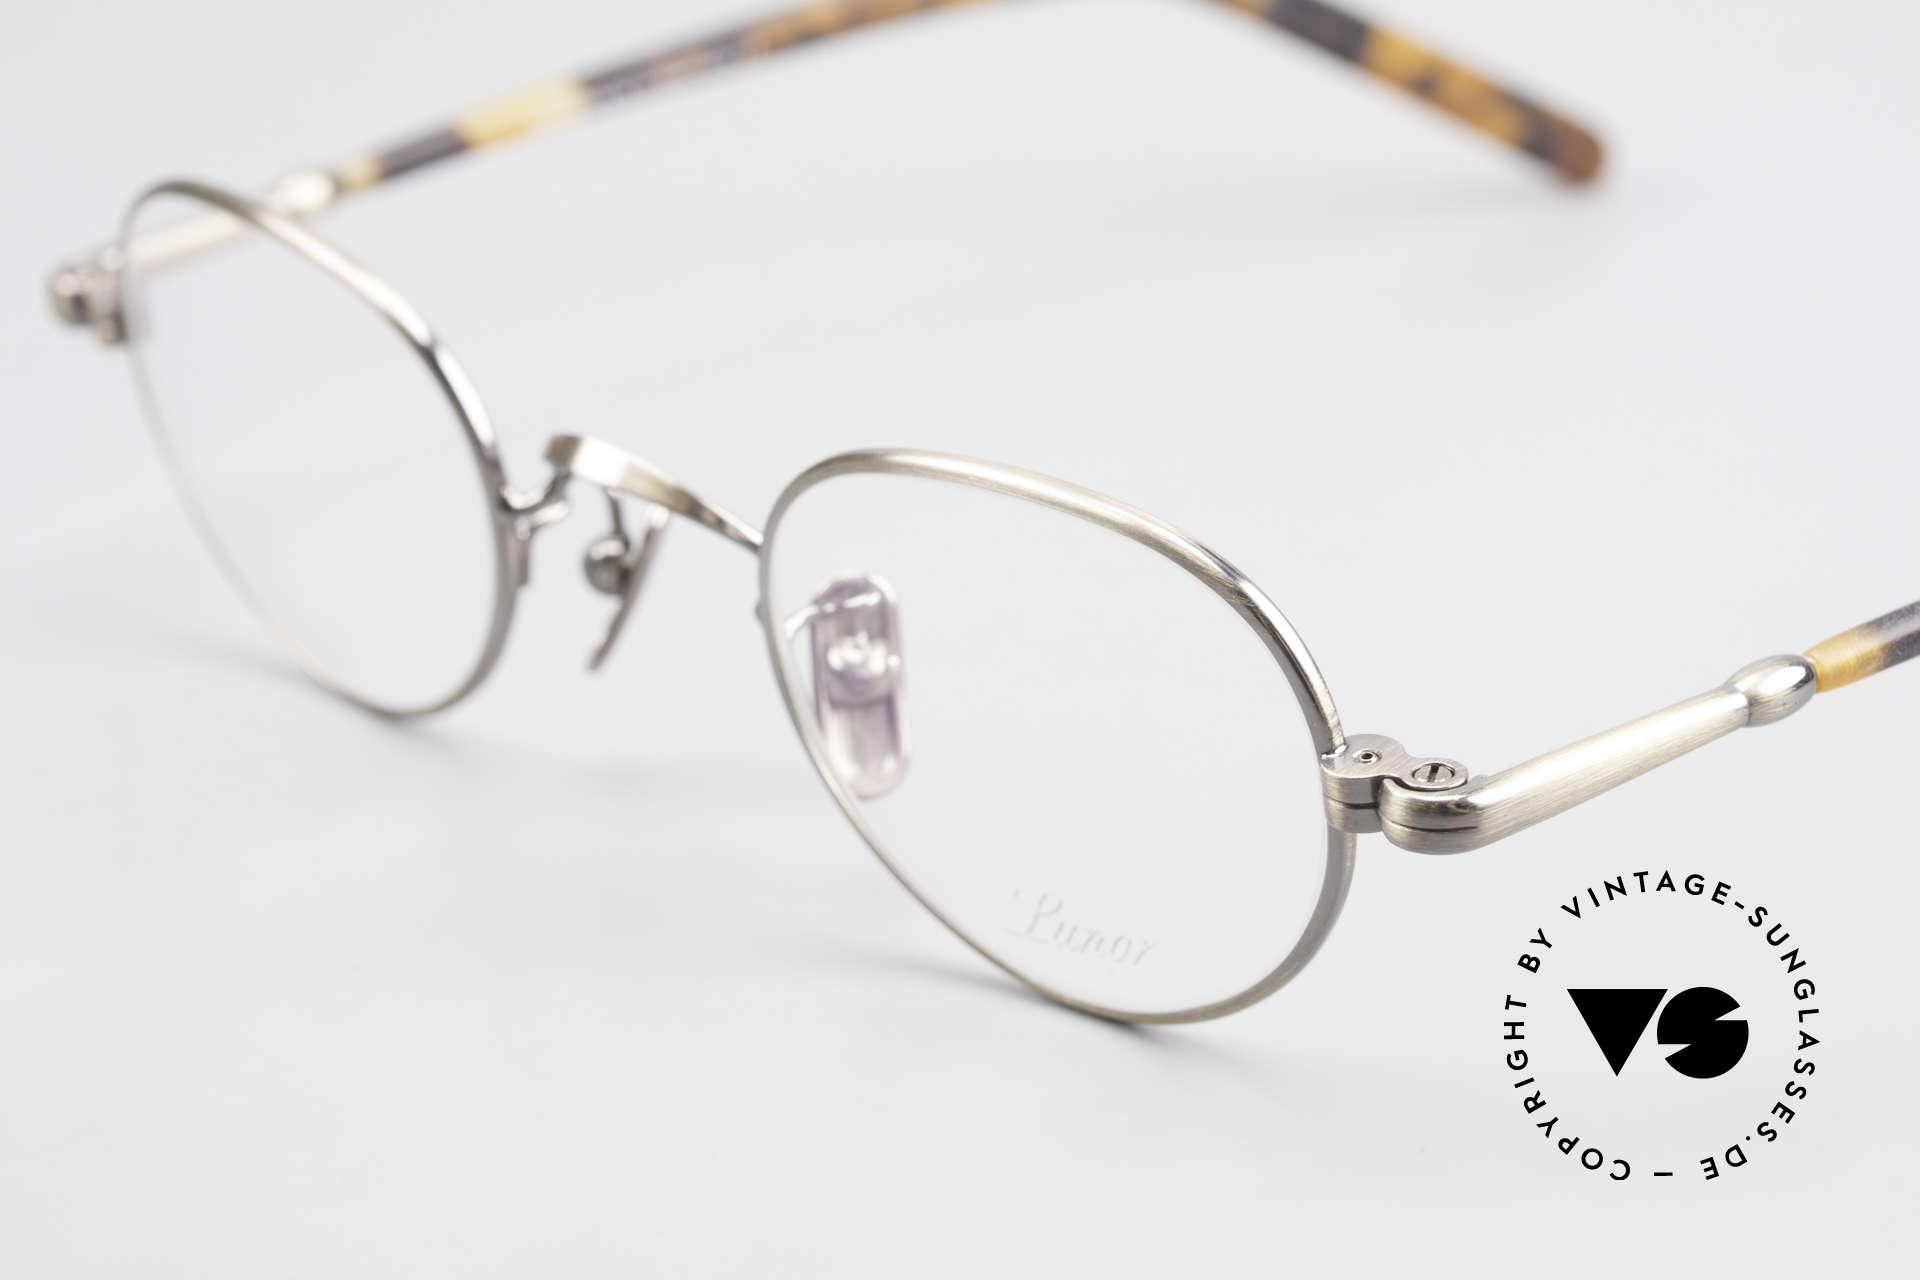 Lunor VA 103 Lunor Brille Altes Original, Model VA 103: Bügel aus einer Acetat-Metallkombi, Passend für Herren und Damen